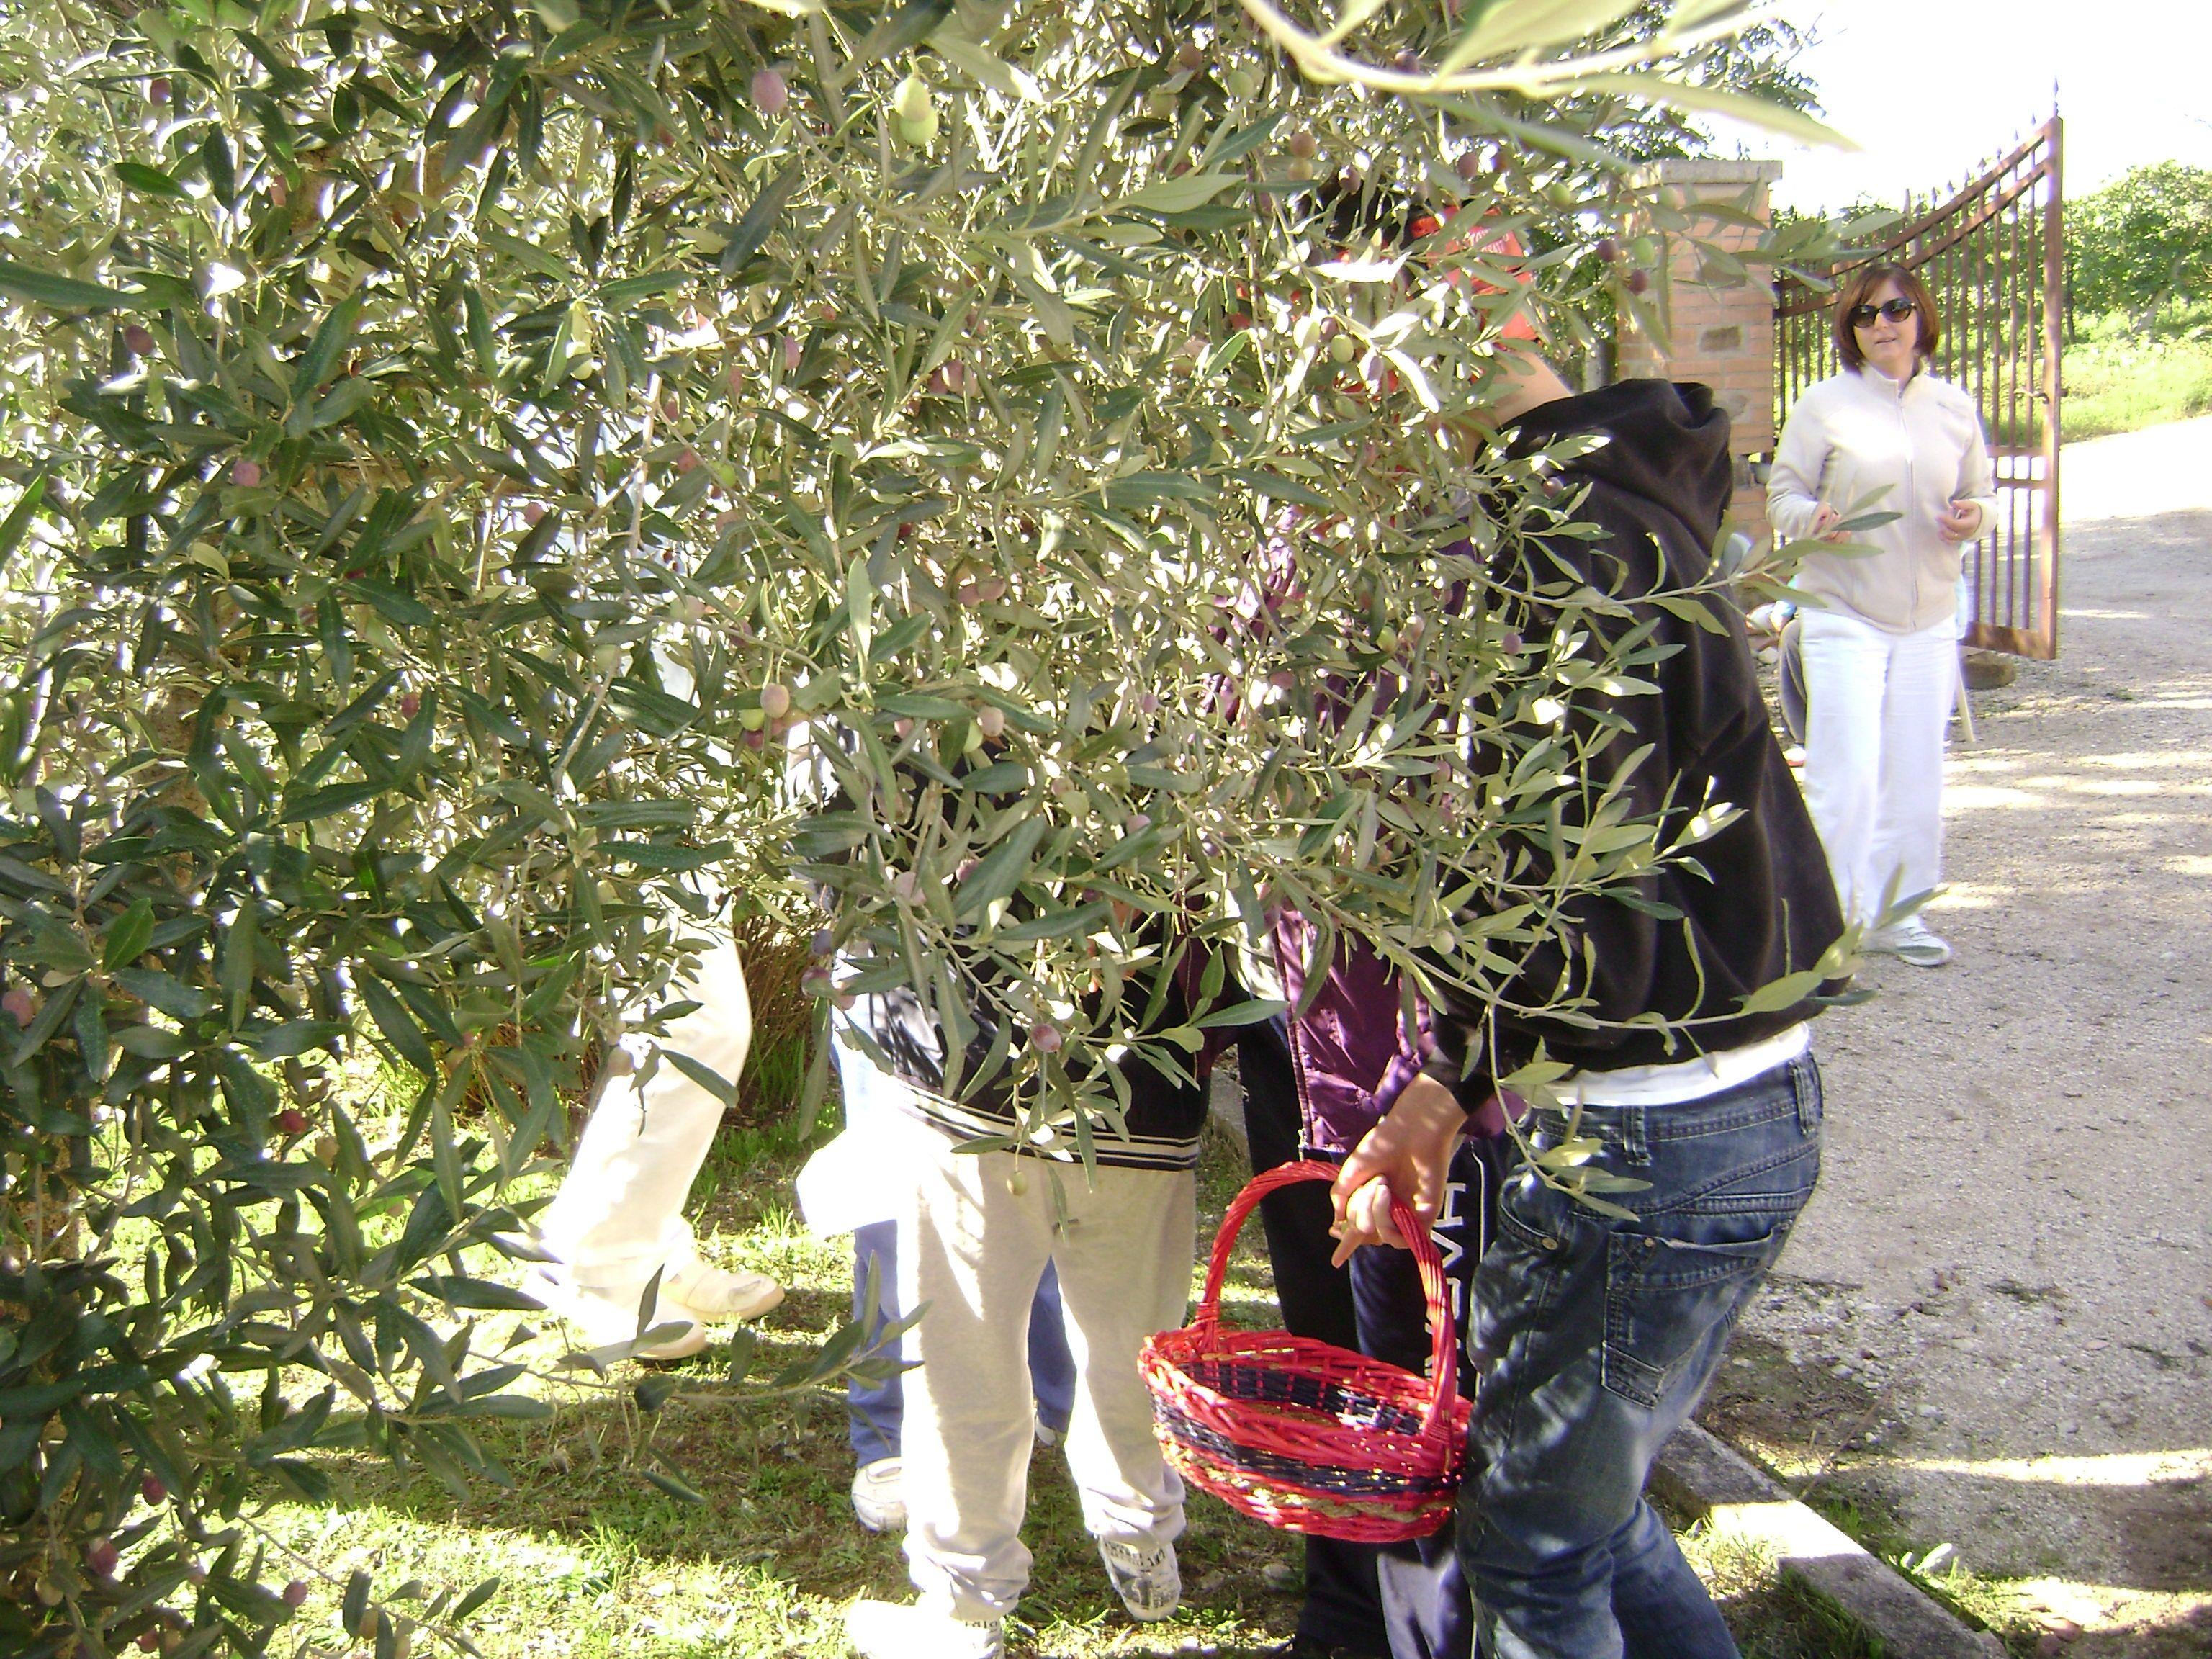 dietro le olive ci siamo noi!